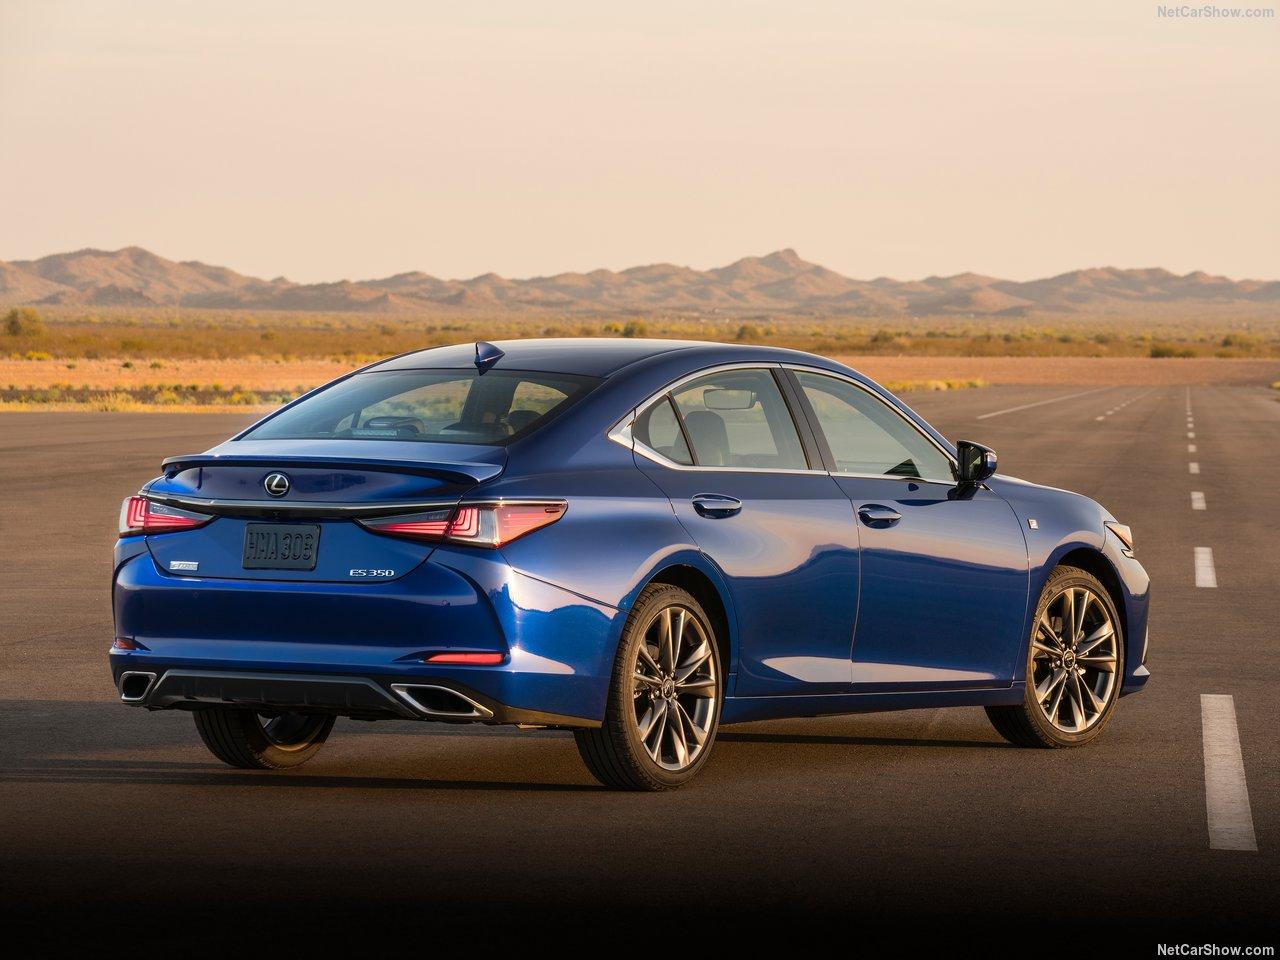 Lexus-ES-2019-1280-18_20180901083216926.jpg